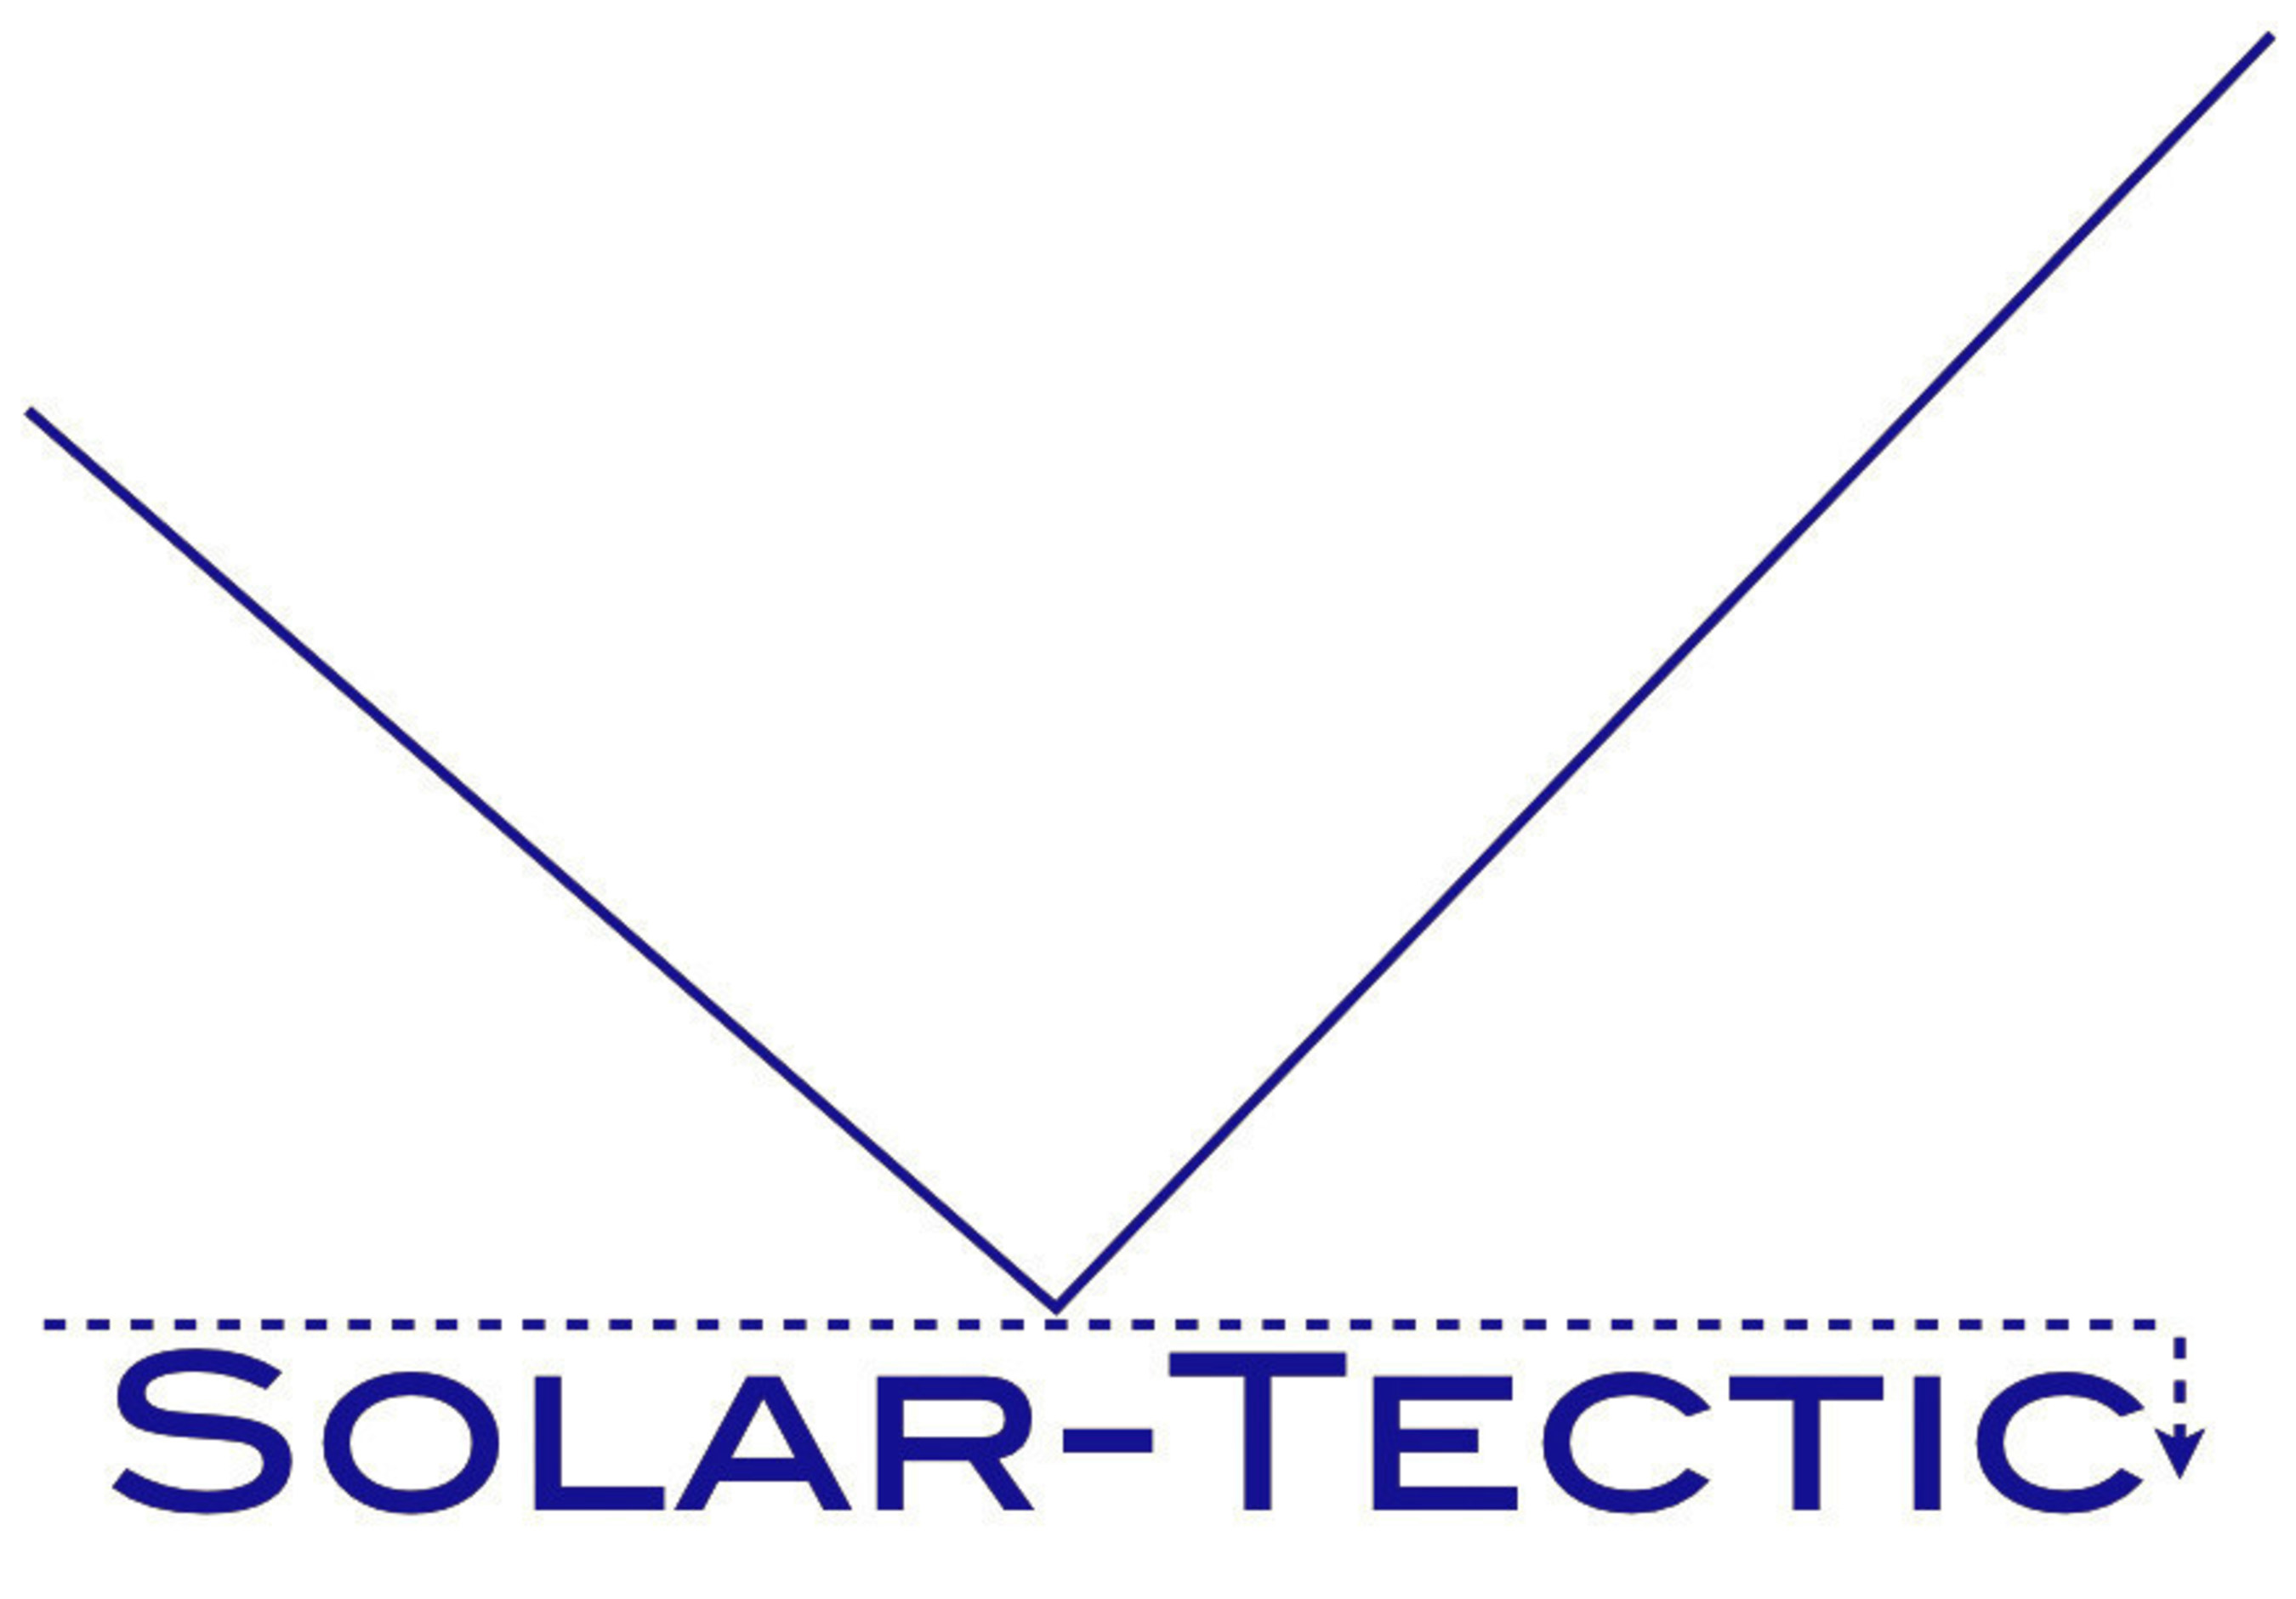 L'US Patent Office (USPTO) décerne à Solar-Tectic LLC un brevet majeur pour la cellule solaire à